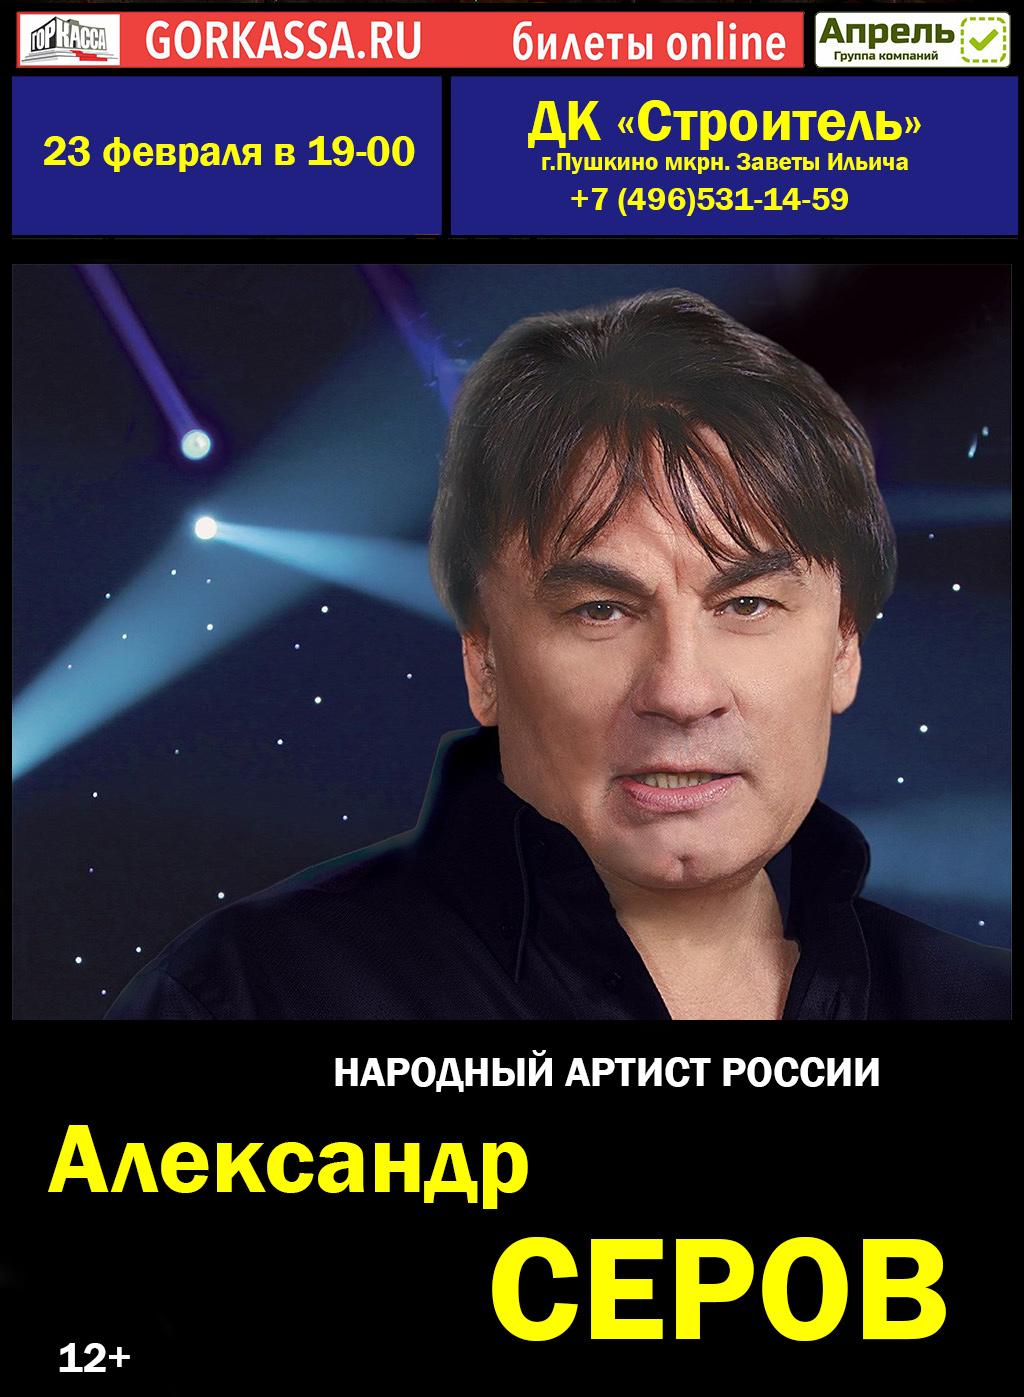 Александр Серов в г. Пушкино